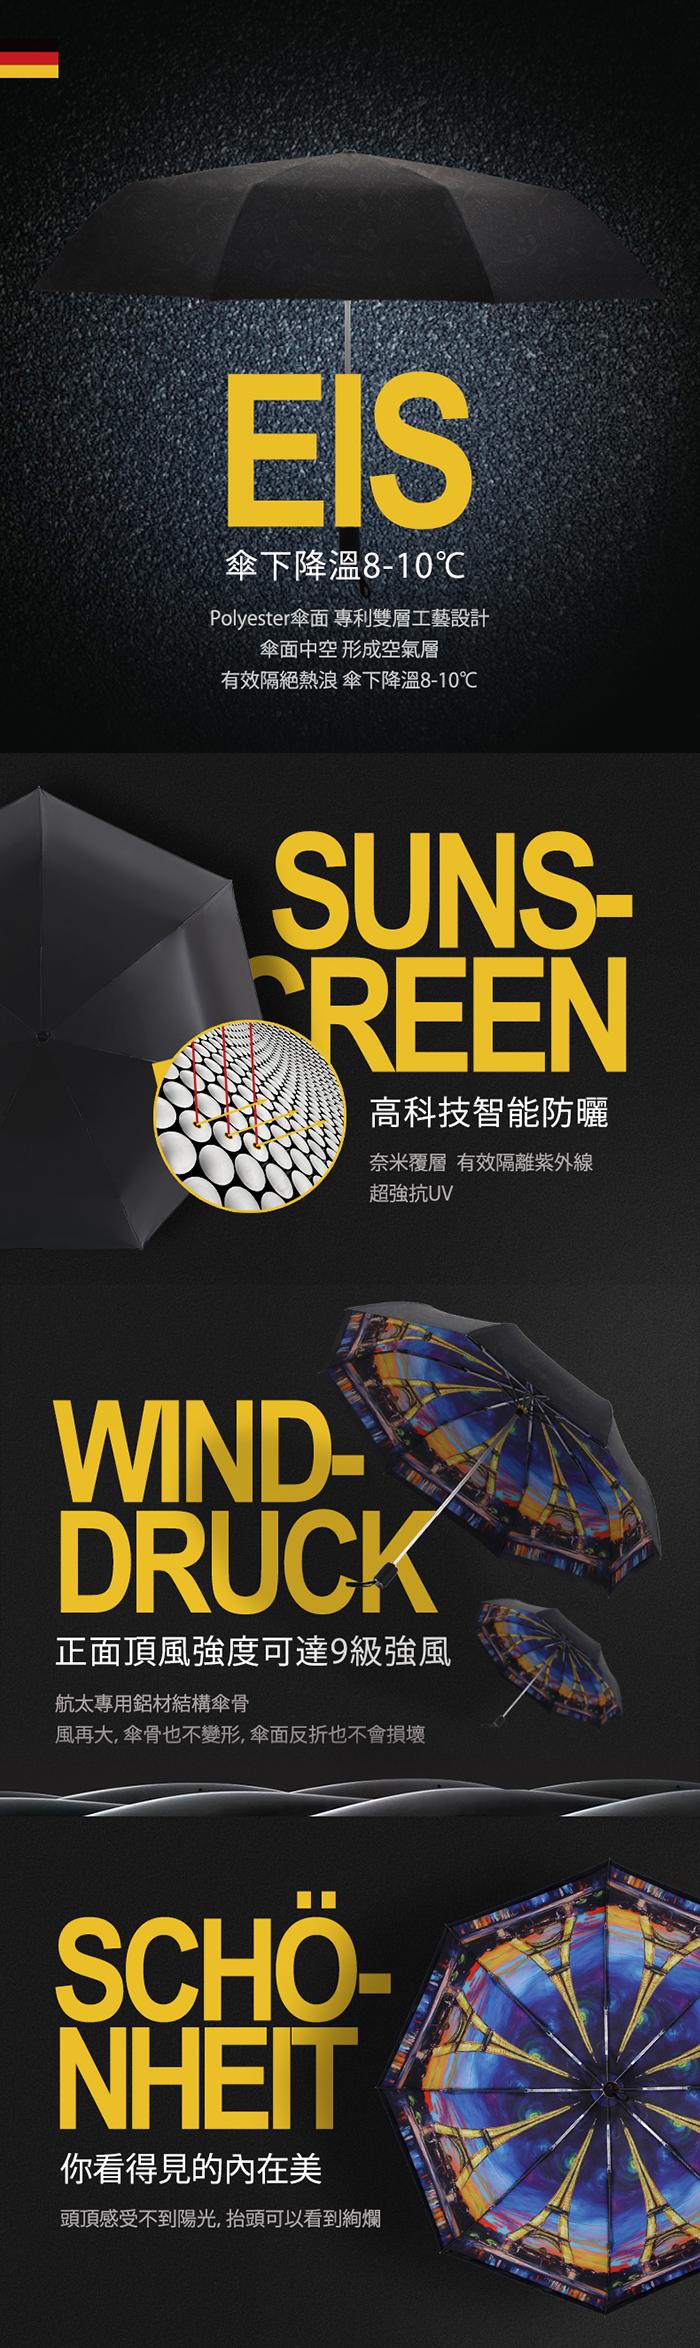 (複製)德國kobold|抗UV零透光智能防曬-油畫系列-遮陽防曬降溫傘 -雙層三折傘-城邦